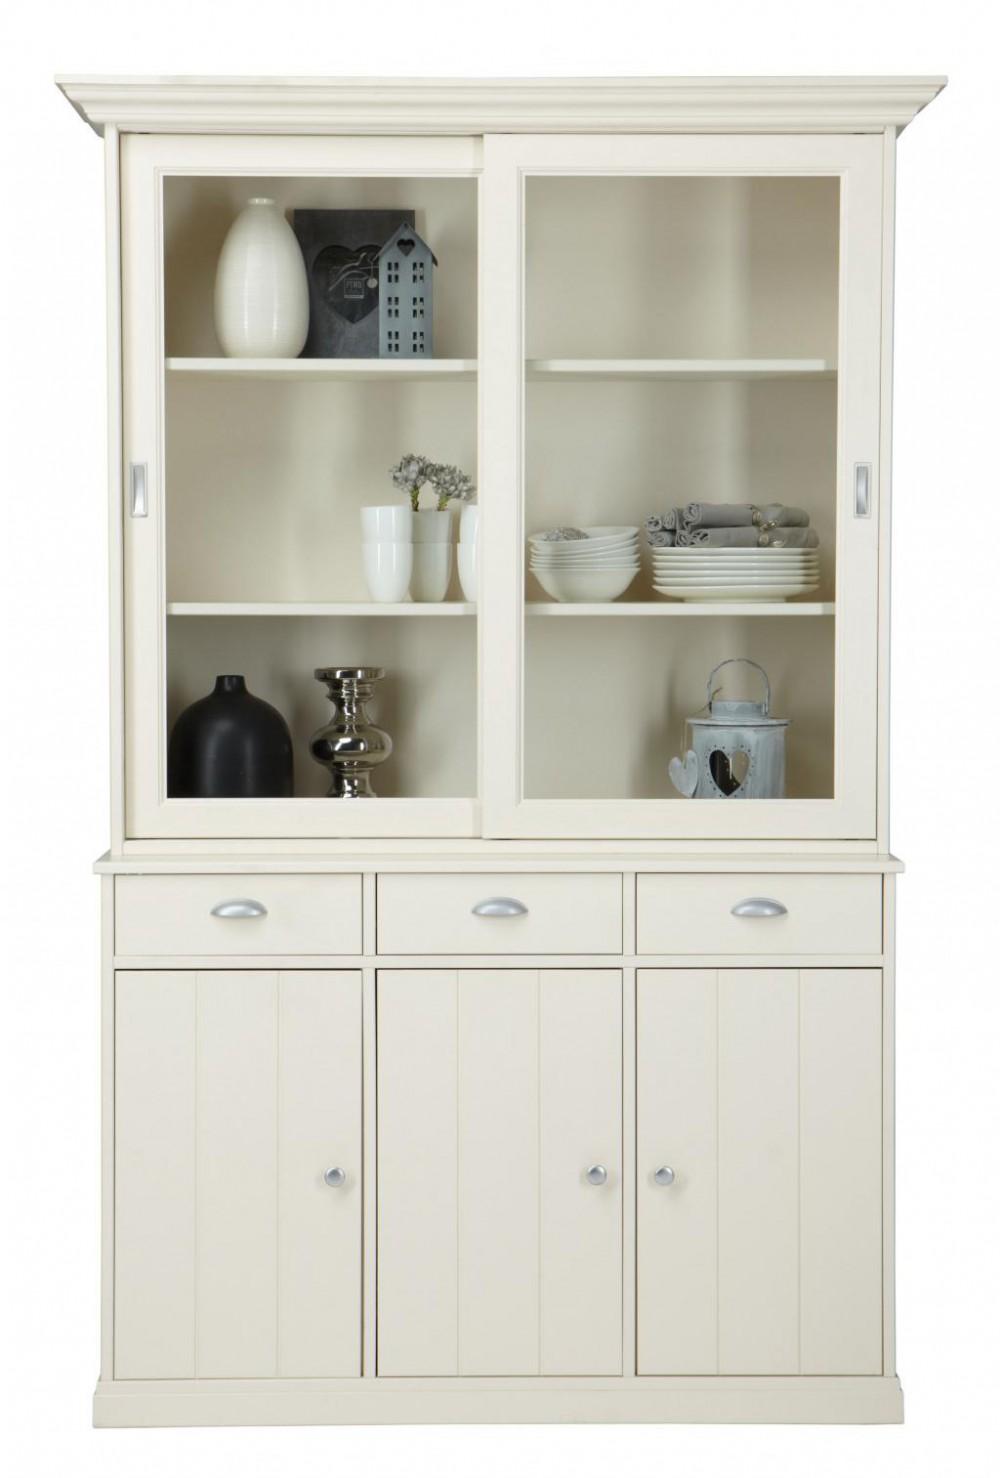 eine klassische vitrine geschirrschrank im landhausstil. Black Bedroom Furniture Sets. Home Design Ideas